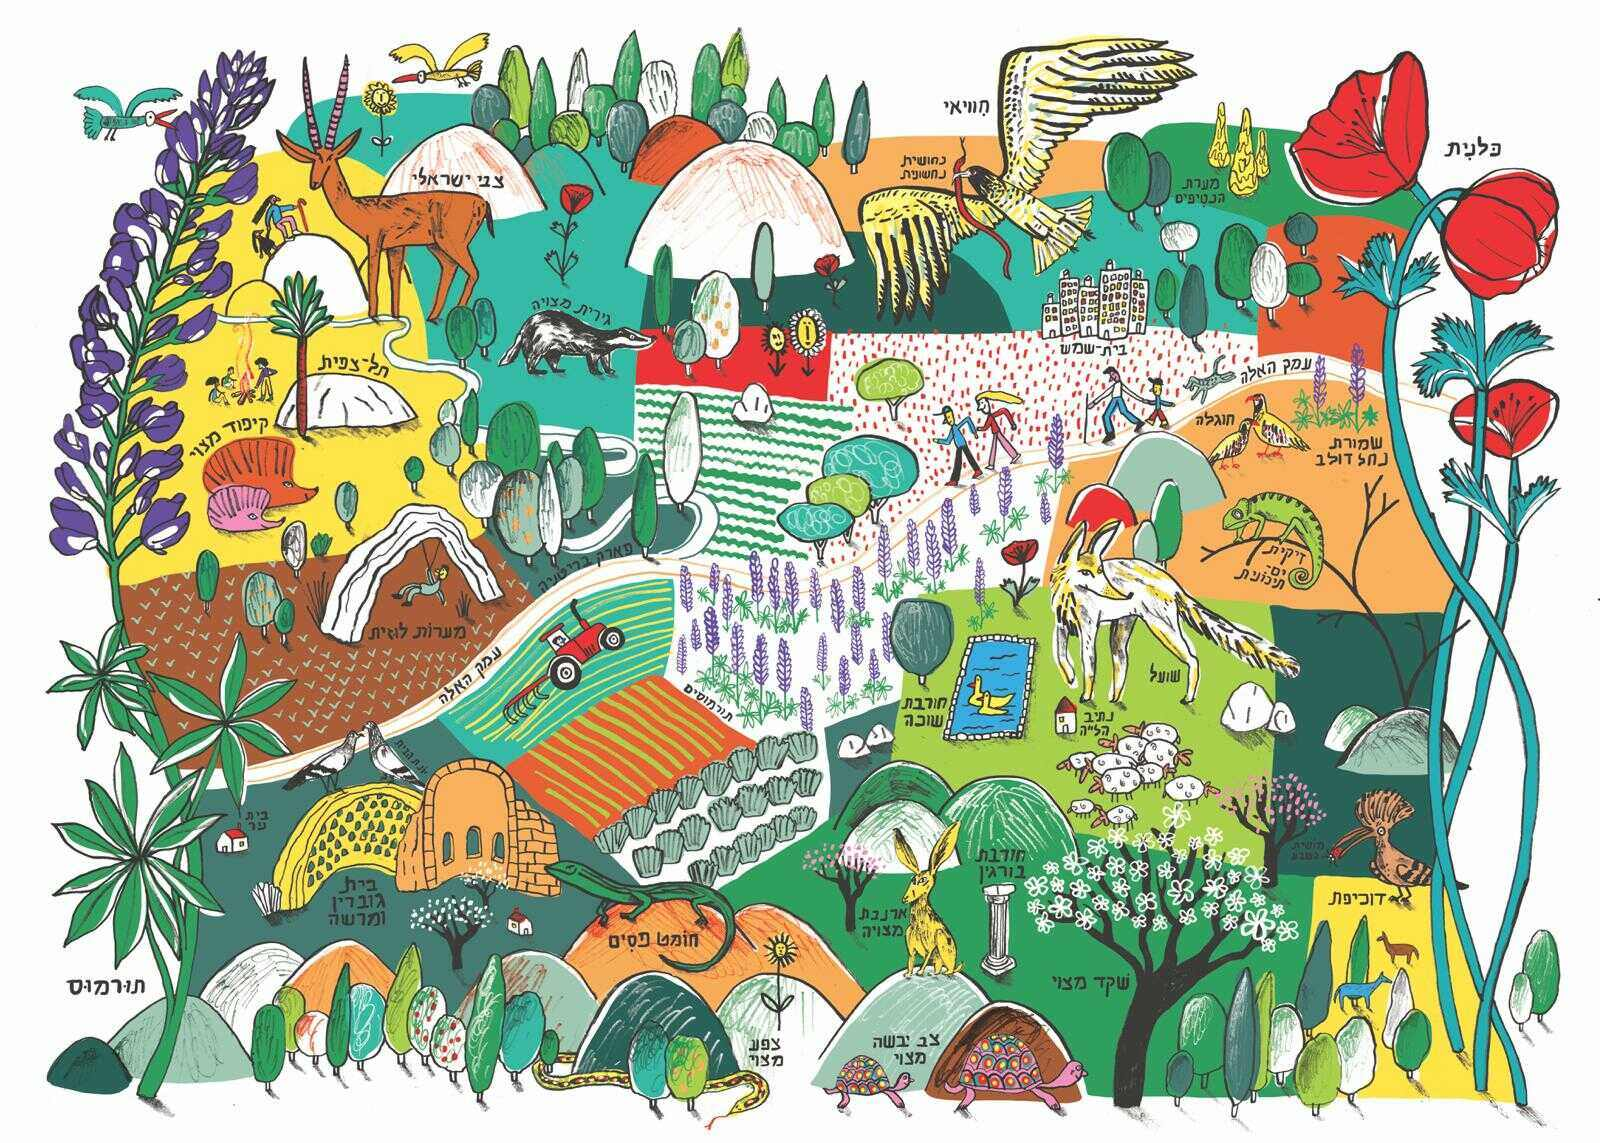 מגזין ''מקו ועד תרבות'' - ''חפצים'' להידבק באהבת הארץ